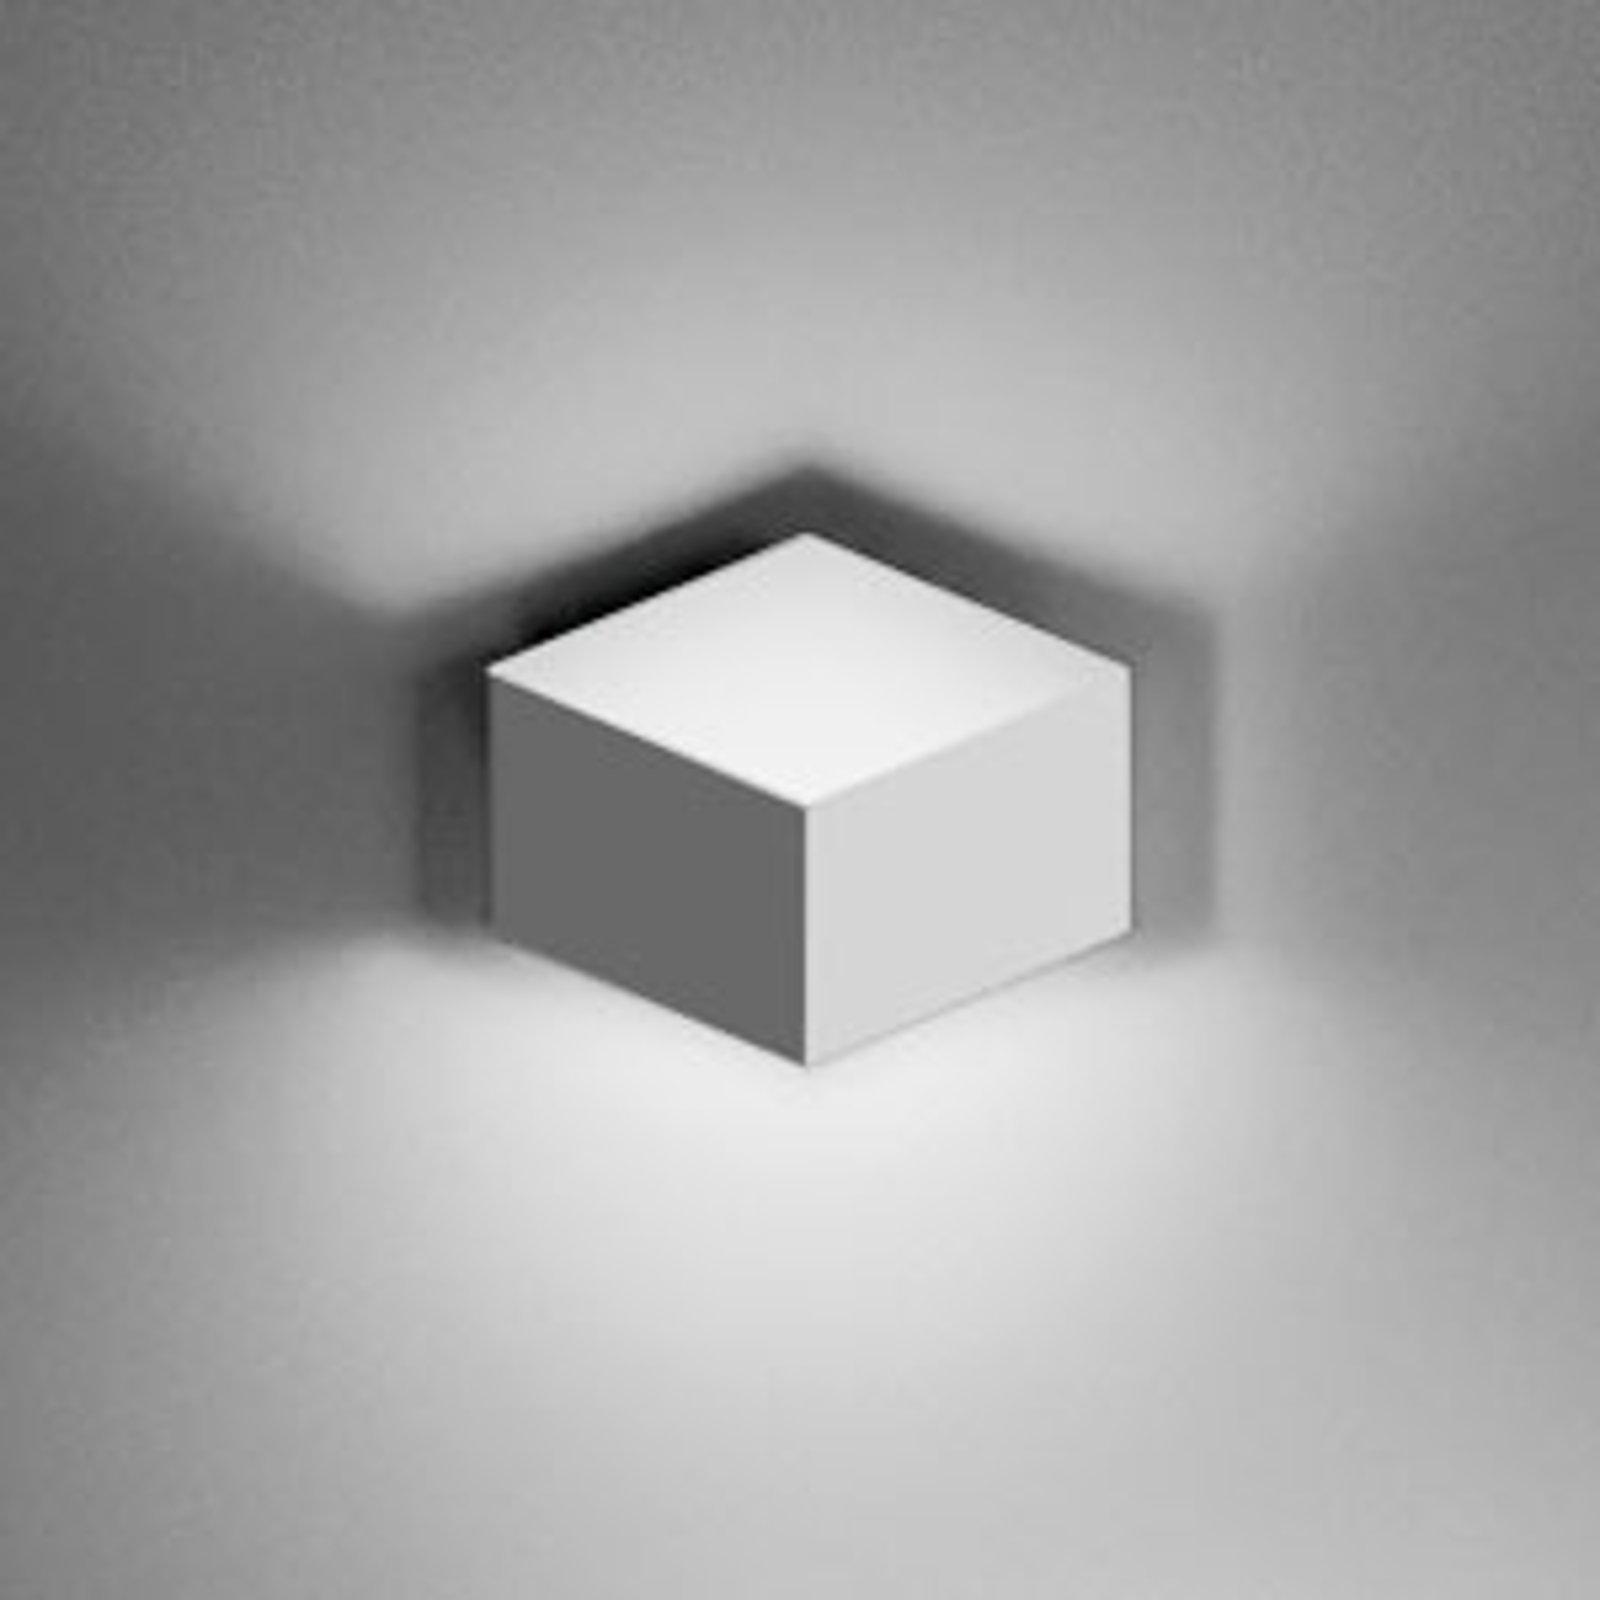 Fold Surface puristisk LED vegglampe, 2 lyskilder